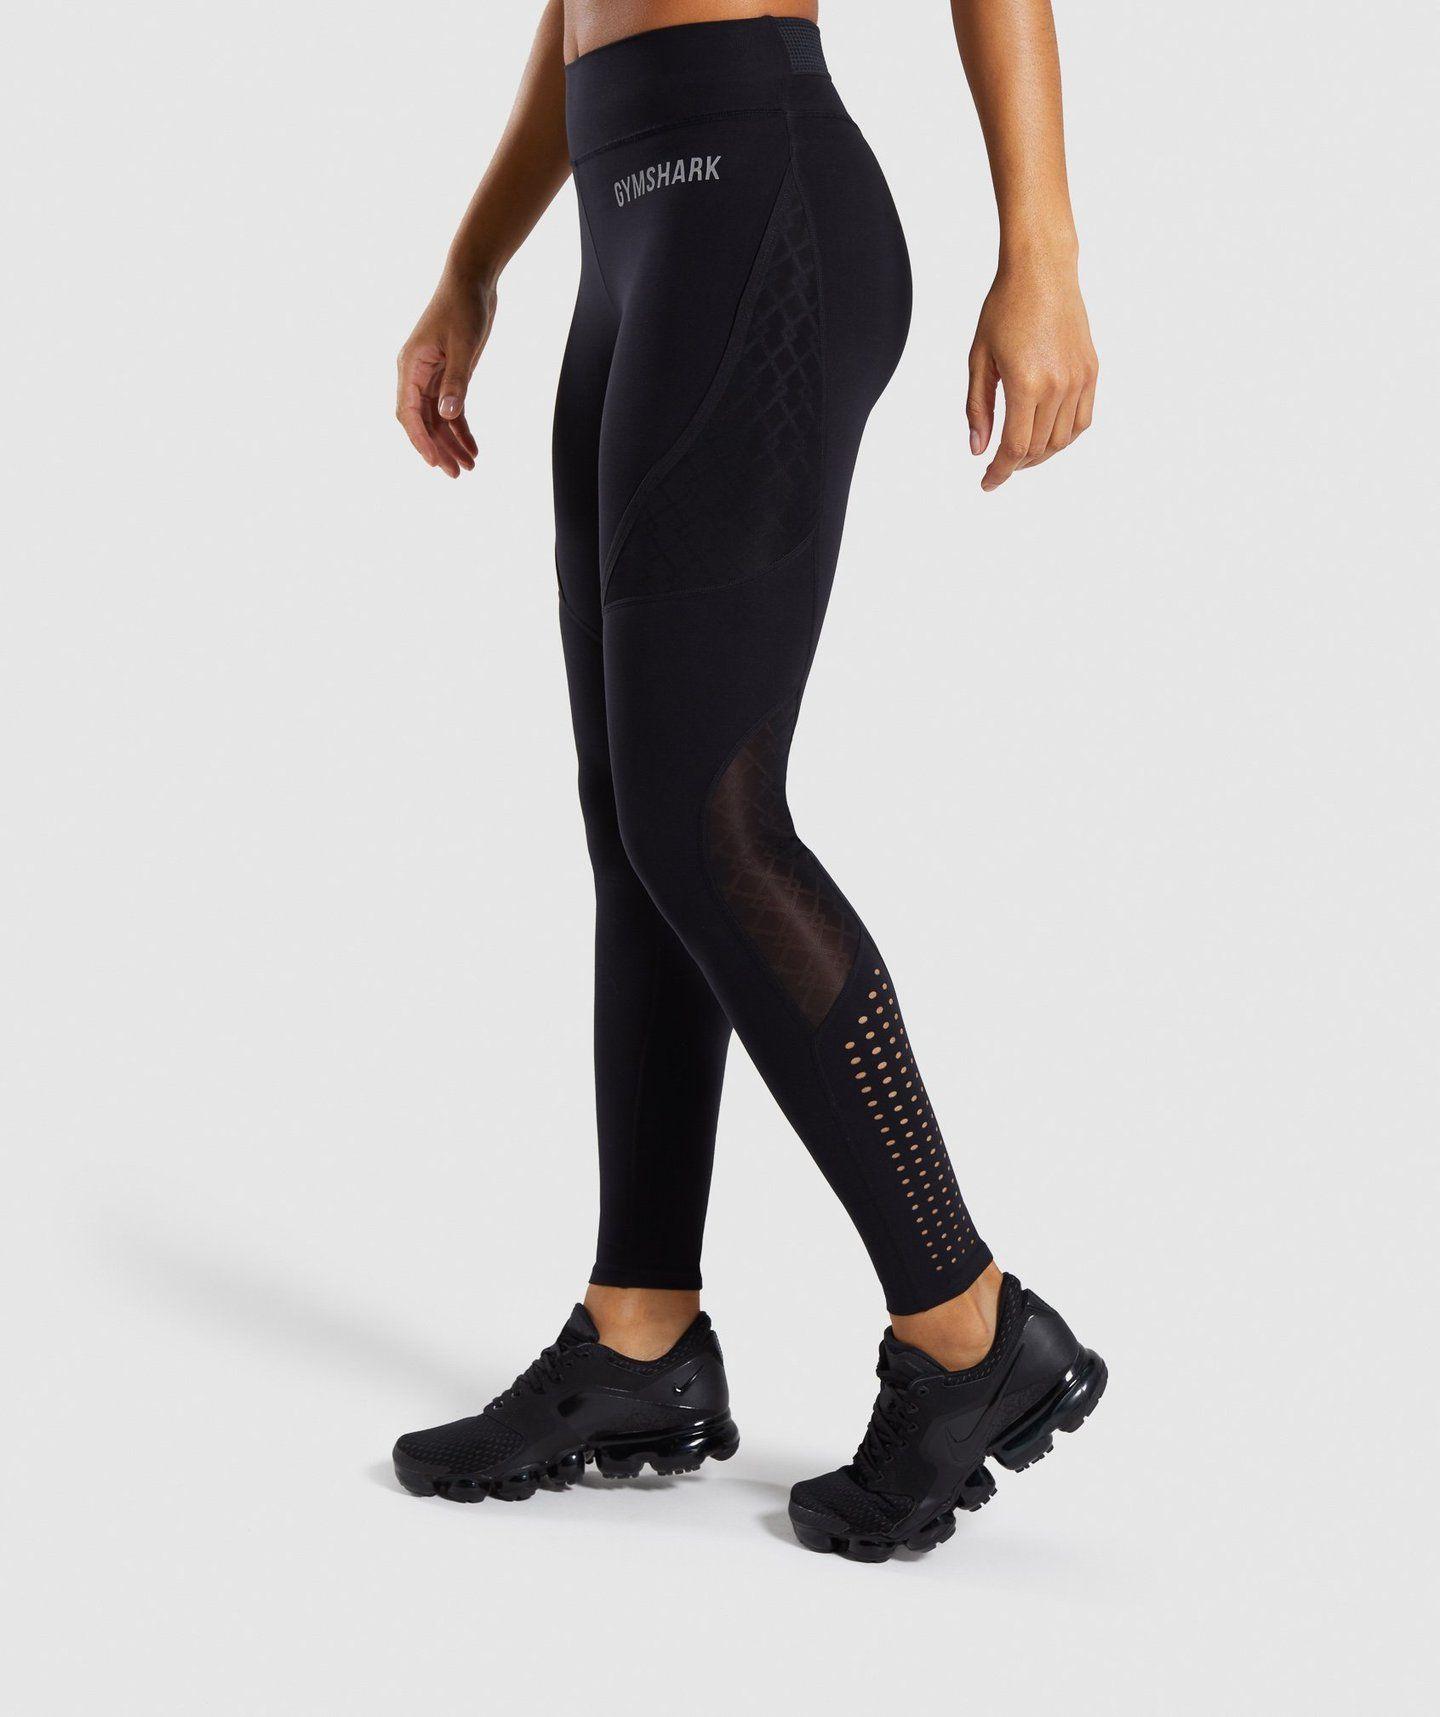 196b3ca3e9909 Gymshark Geo Mesh Leggings - Black   Bottoms & Leggings   Gymshark Gymshark  Geo Mesh Leggings